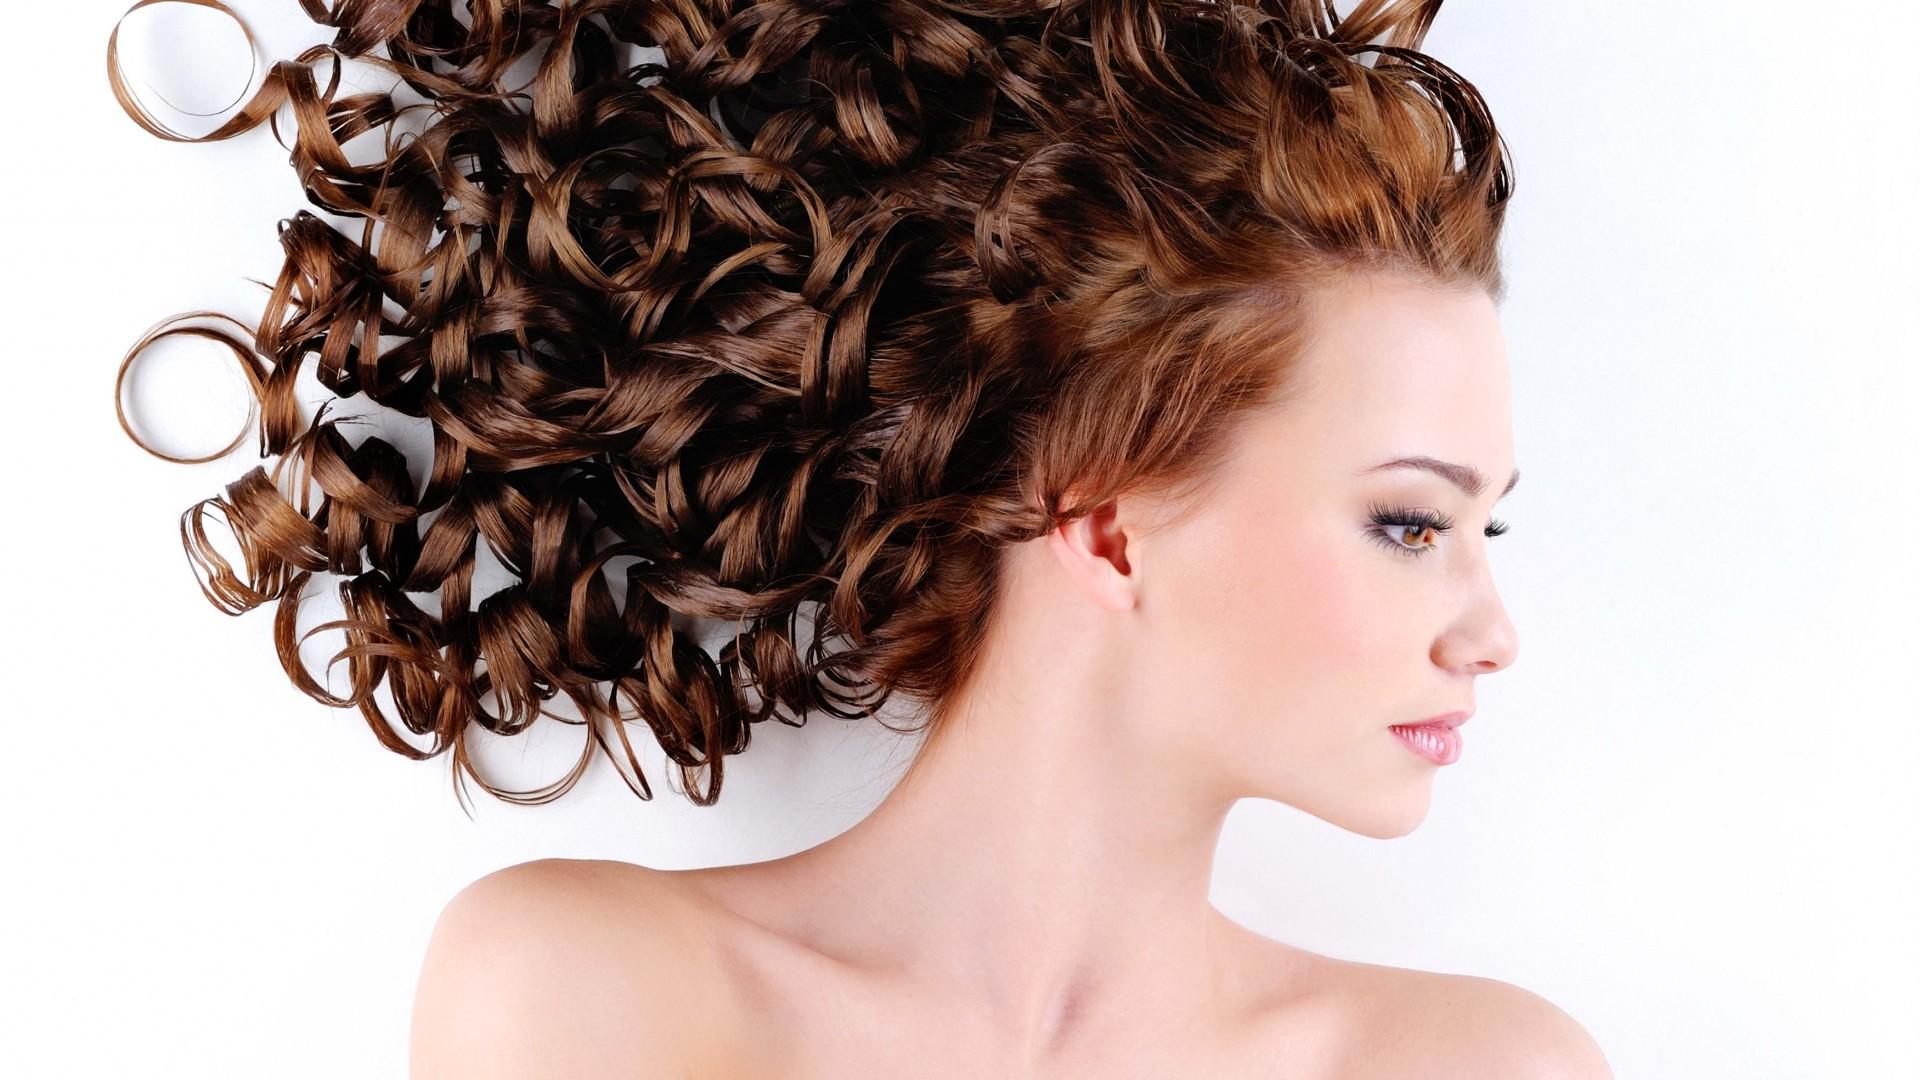 Как накрутить длинные волосы своими руками фото 512